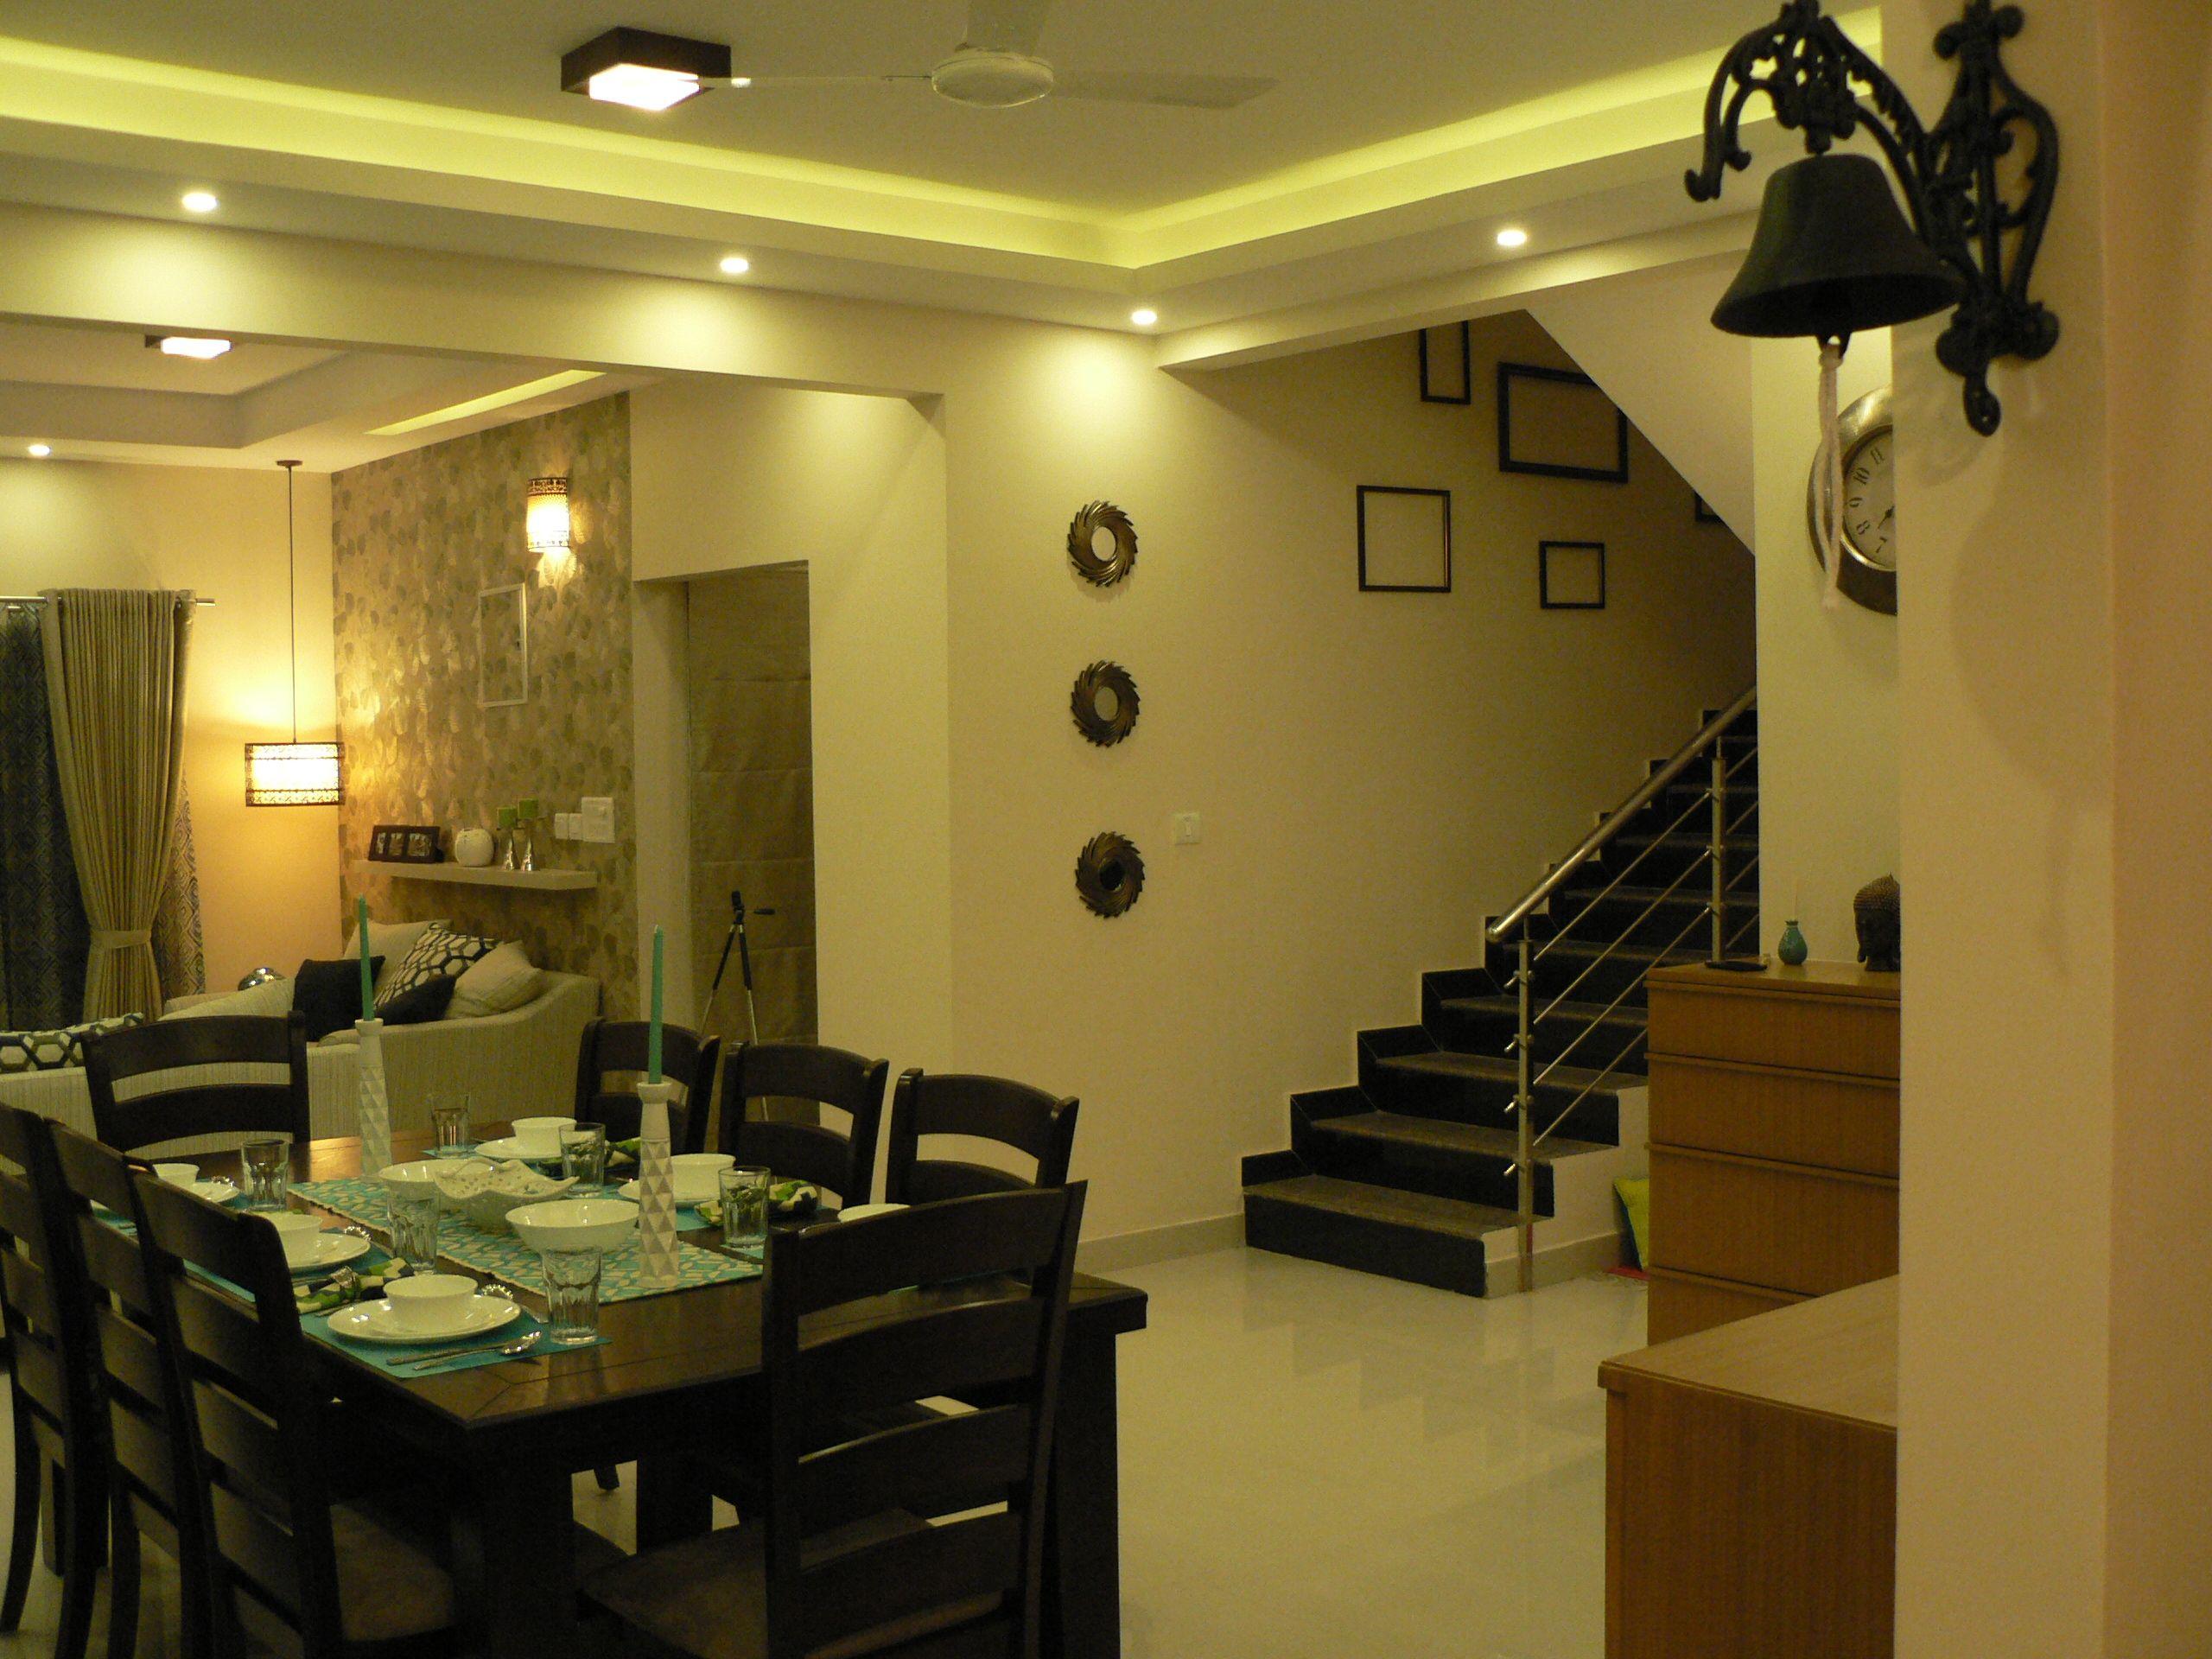 Best Home Interior Designers in Bangalore The Studio